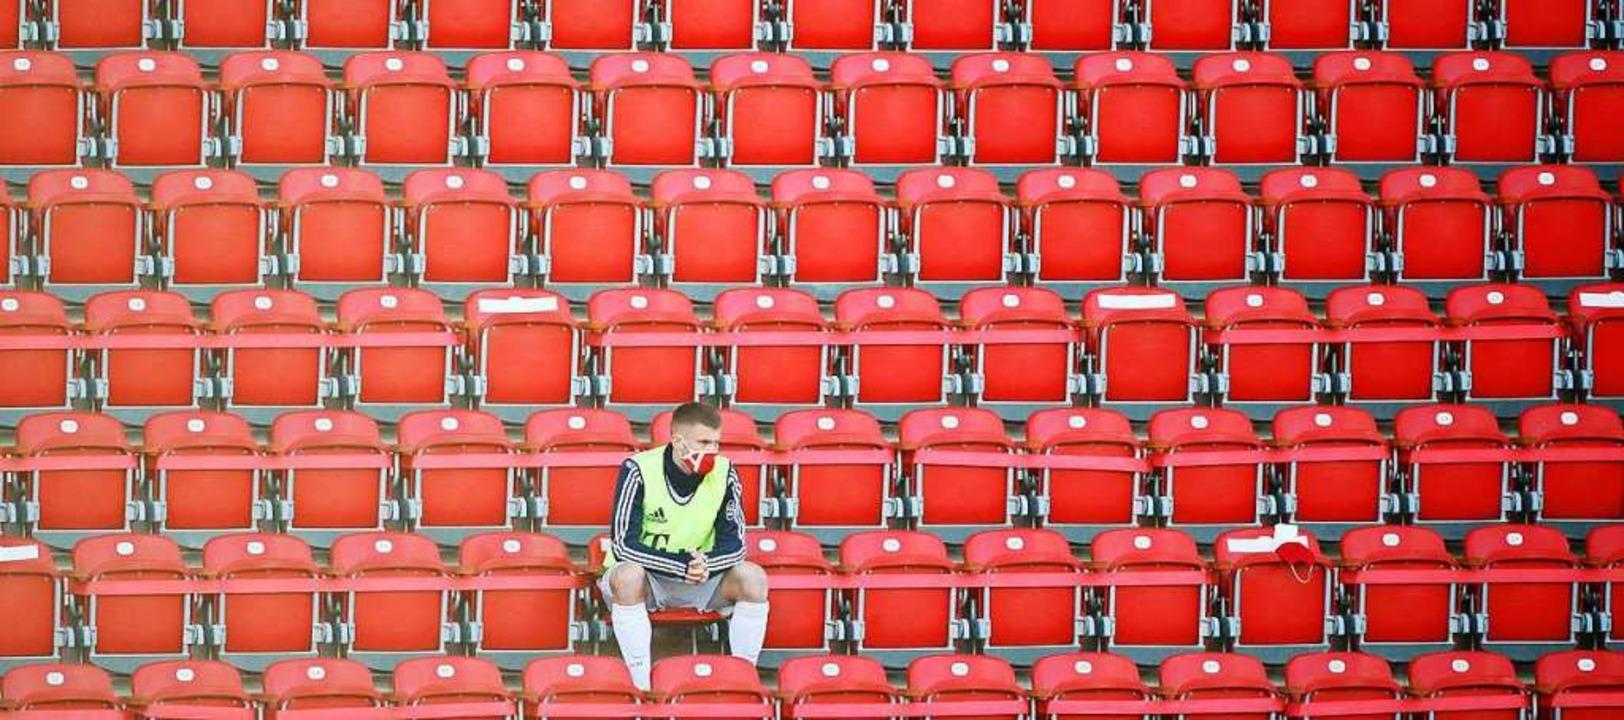 Bayern-Ersatzspieler Lukas Mai sitzt a...sterei in Berlin und trägt eine Maske.  | Foto: Hannibal Hanschke (dpa)